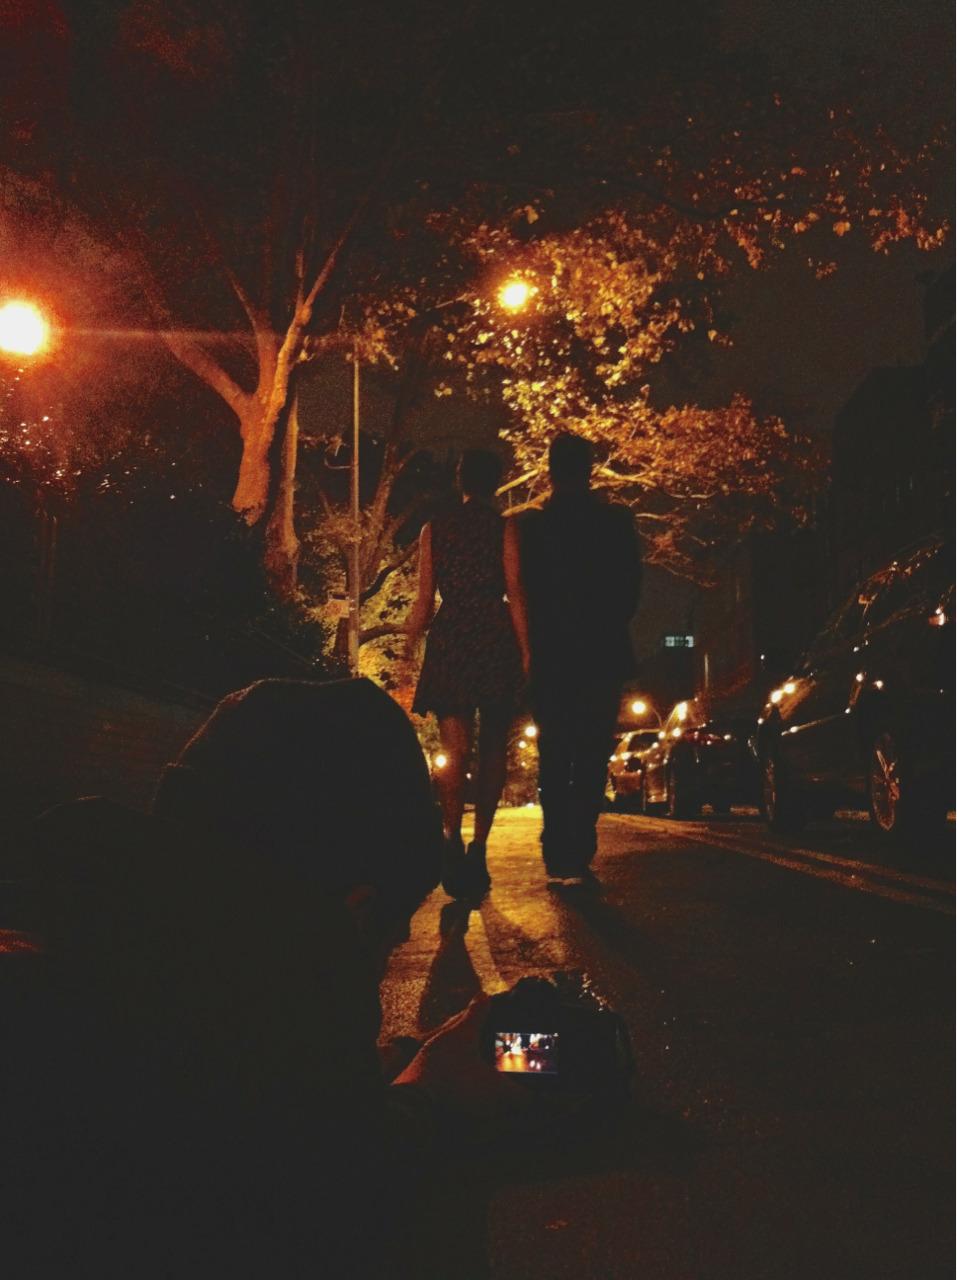 #nyc #night #love #story #underhill #music #video #arian #saleh